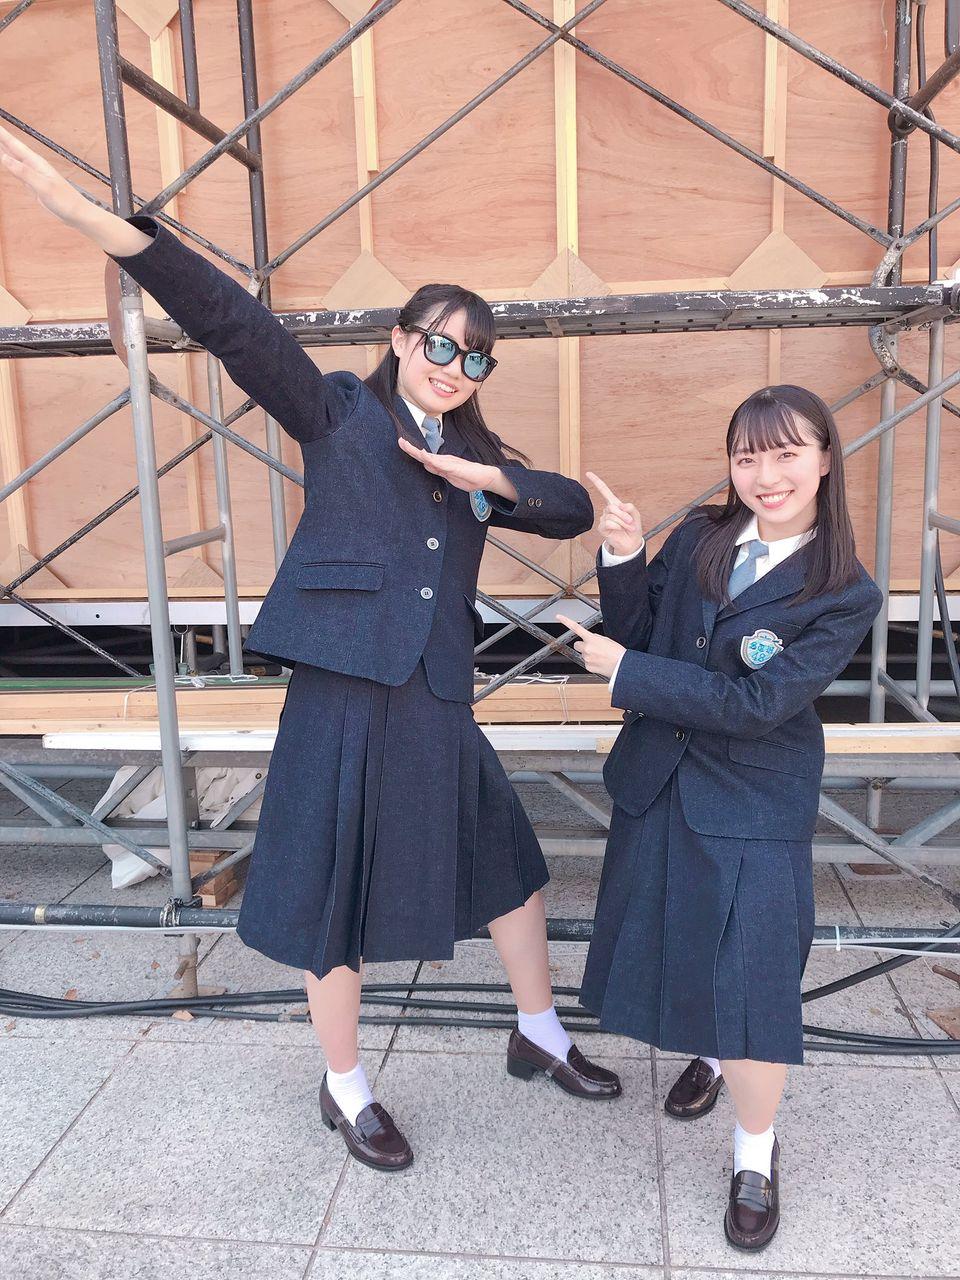 【朗報】STU48の新衣装が可愛いと話題に